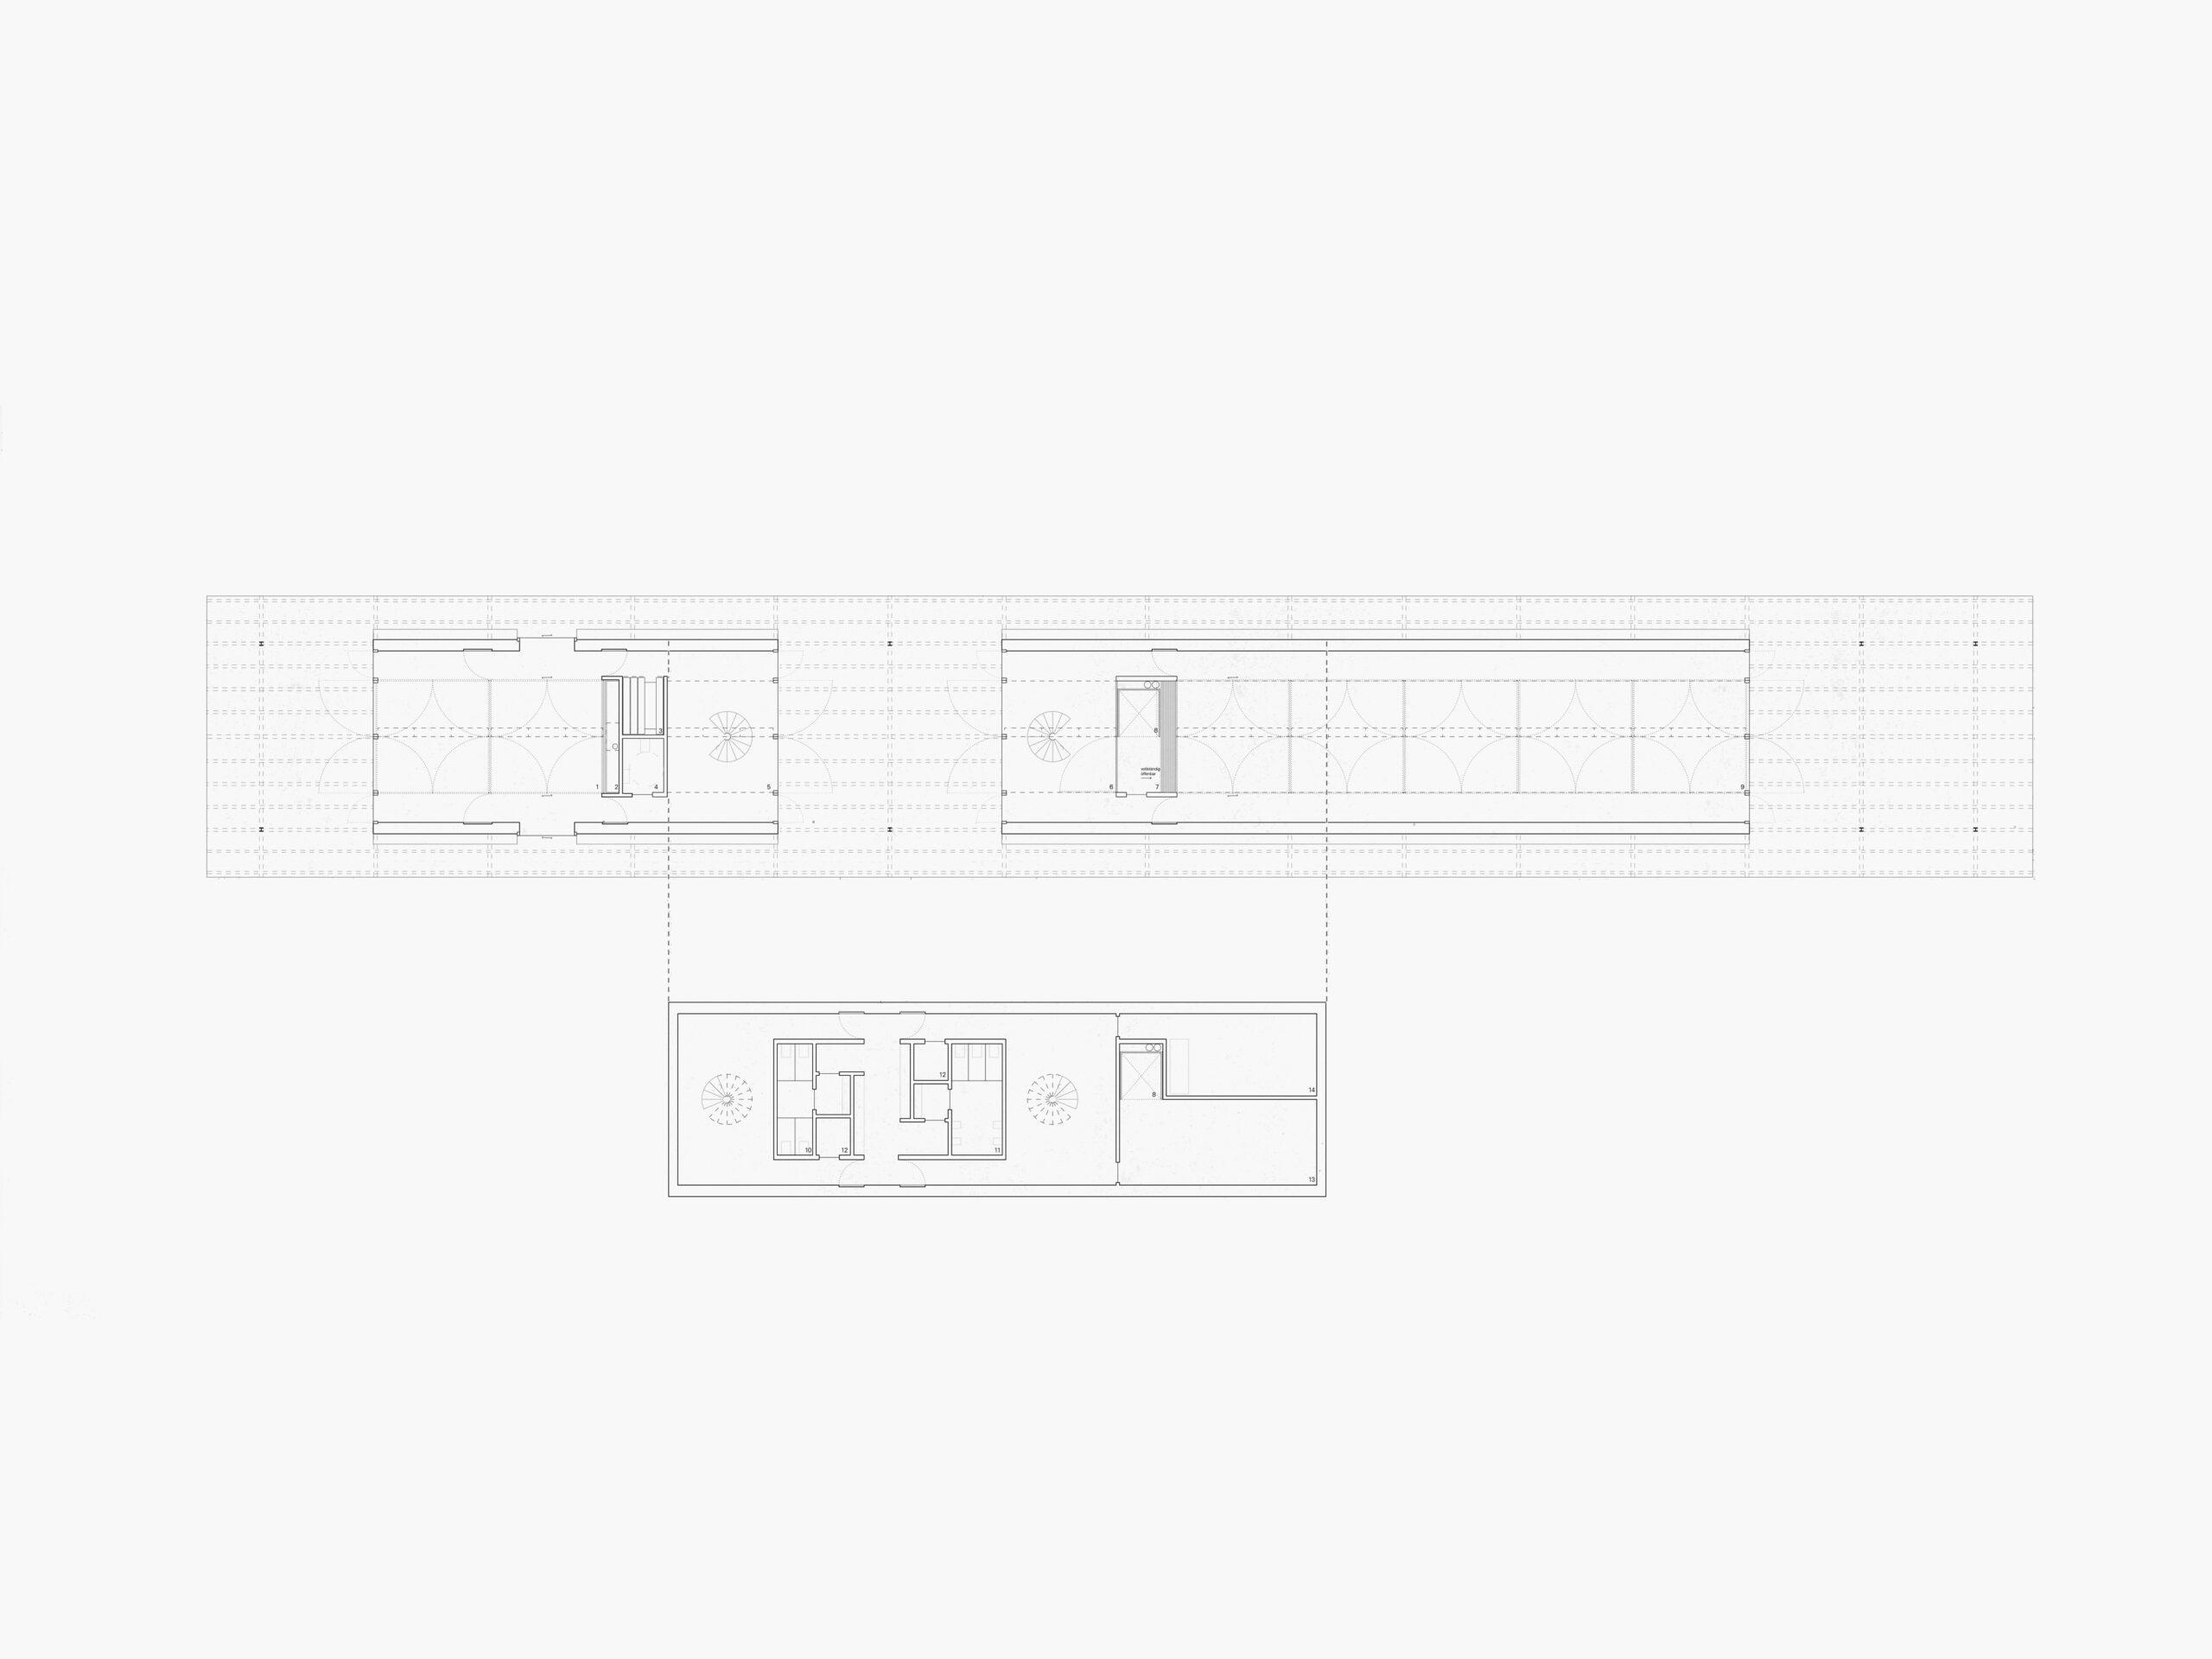 Michael-Becker-Architects-Architekten-Bauernhausmuseum-Ammerang-Grundrisse